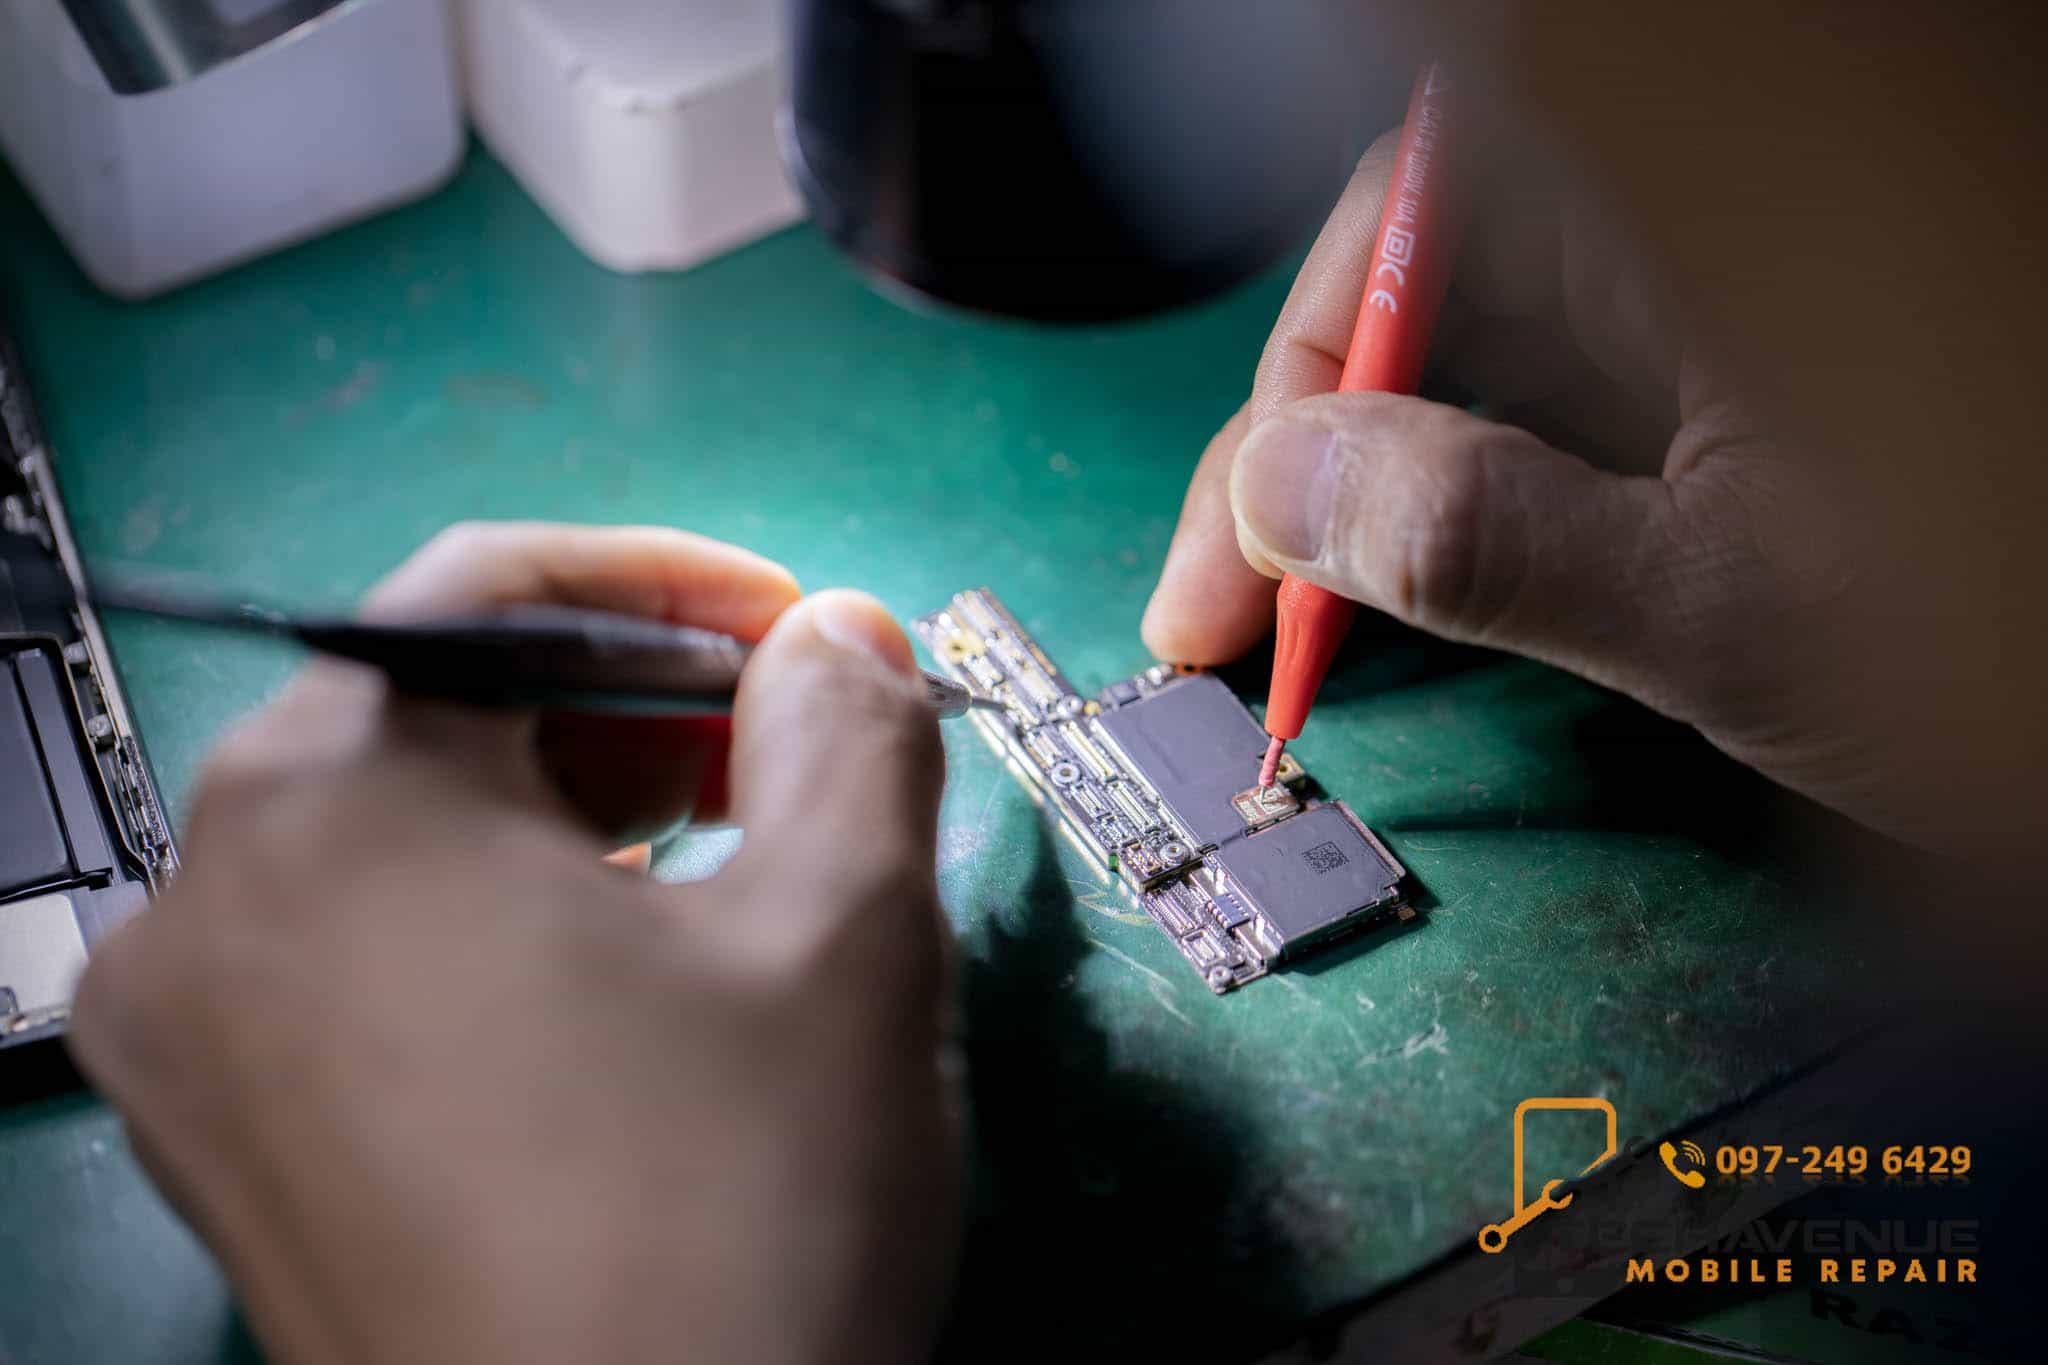 ส่งซ่อมมือถือ ง่ายๆผ่าน Grab เริ่มต้นเพียง 35.-